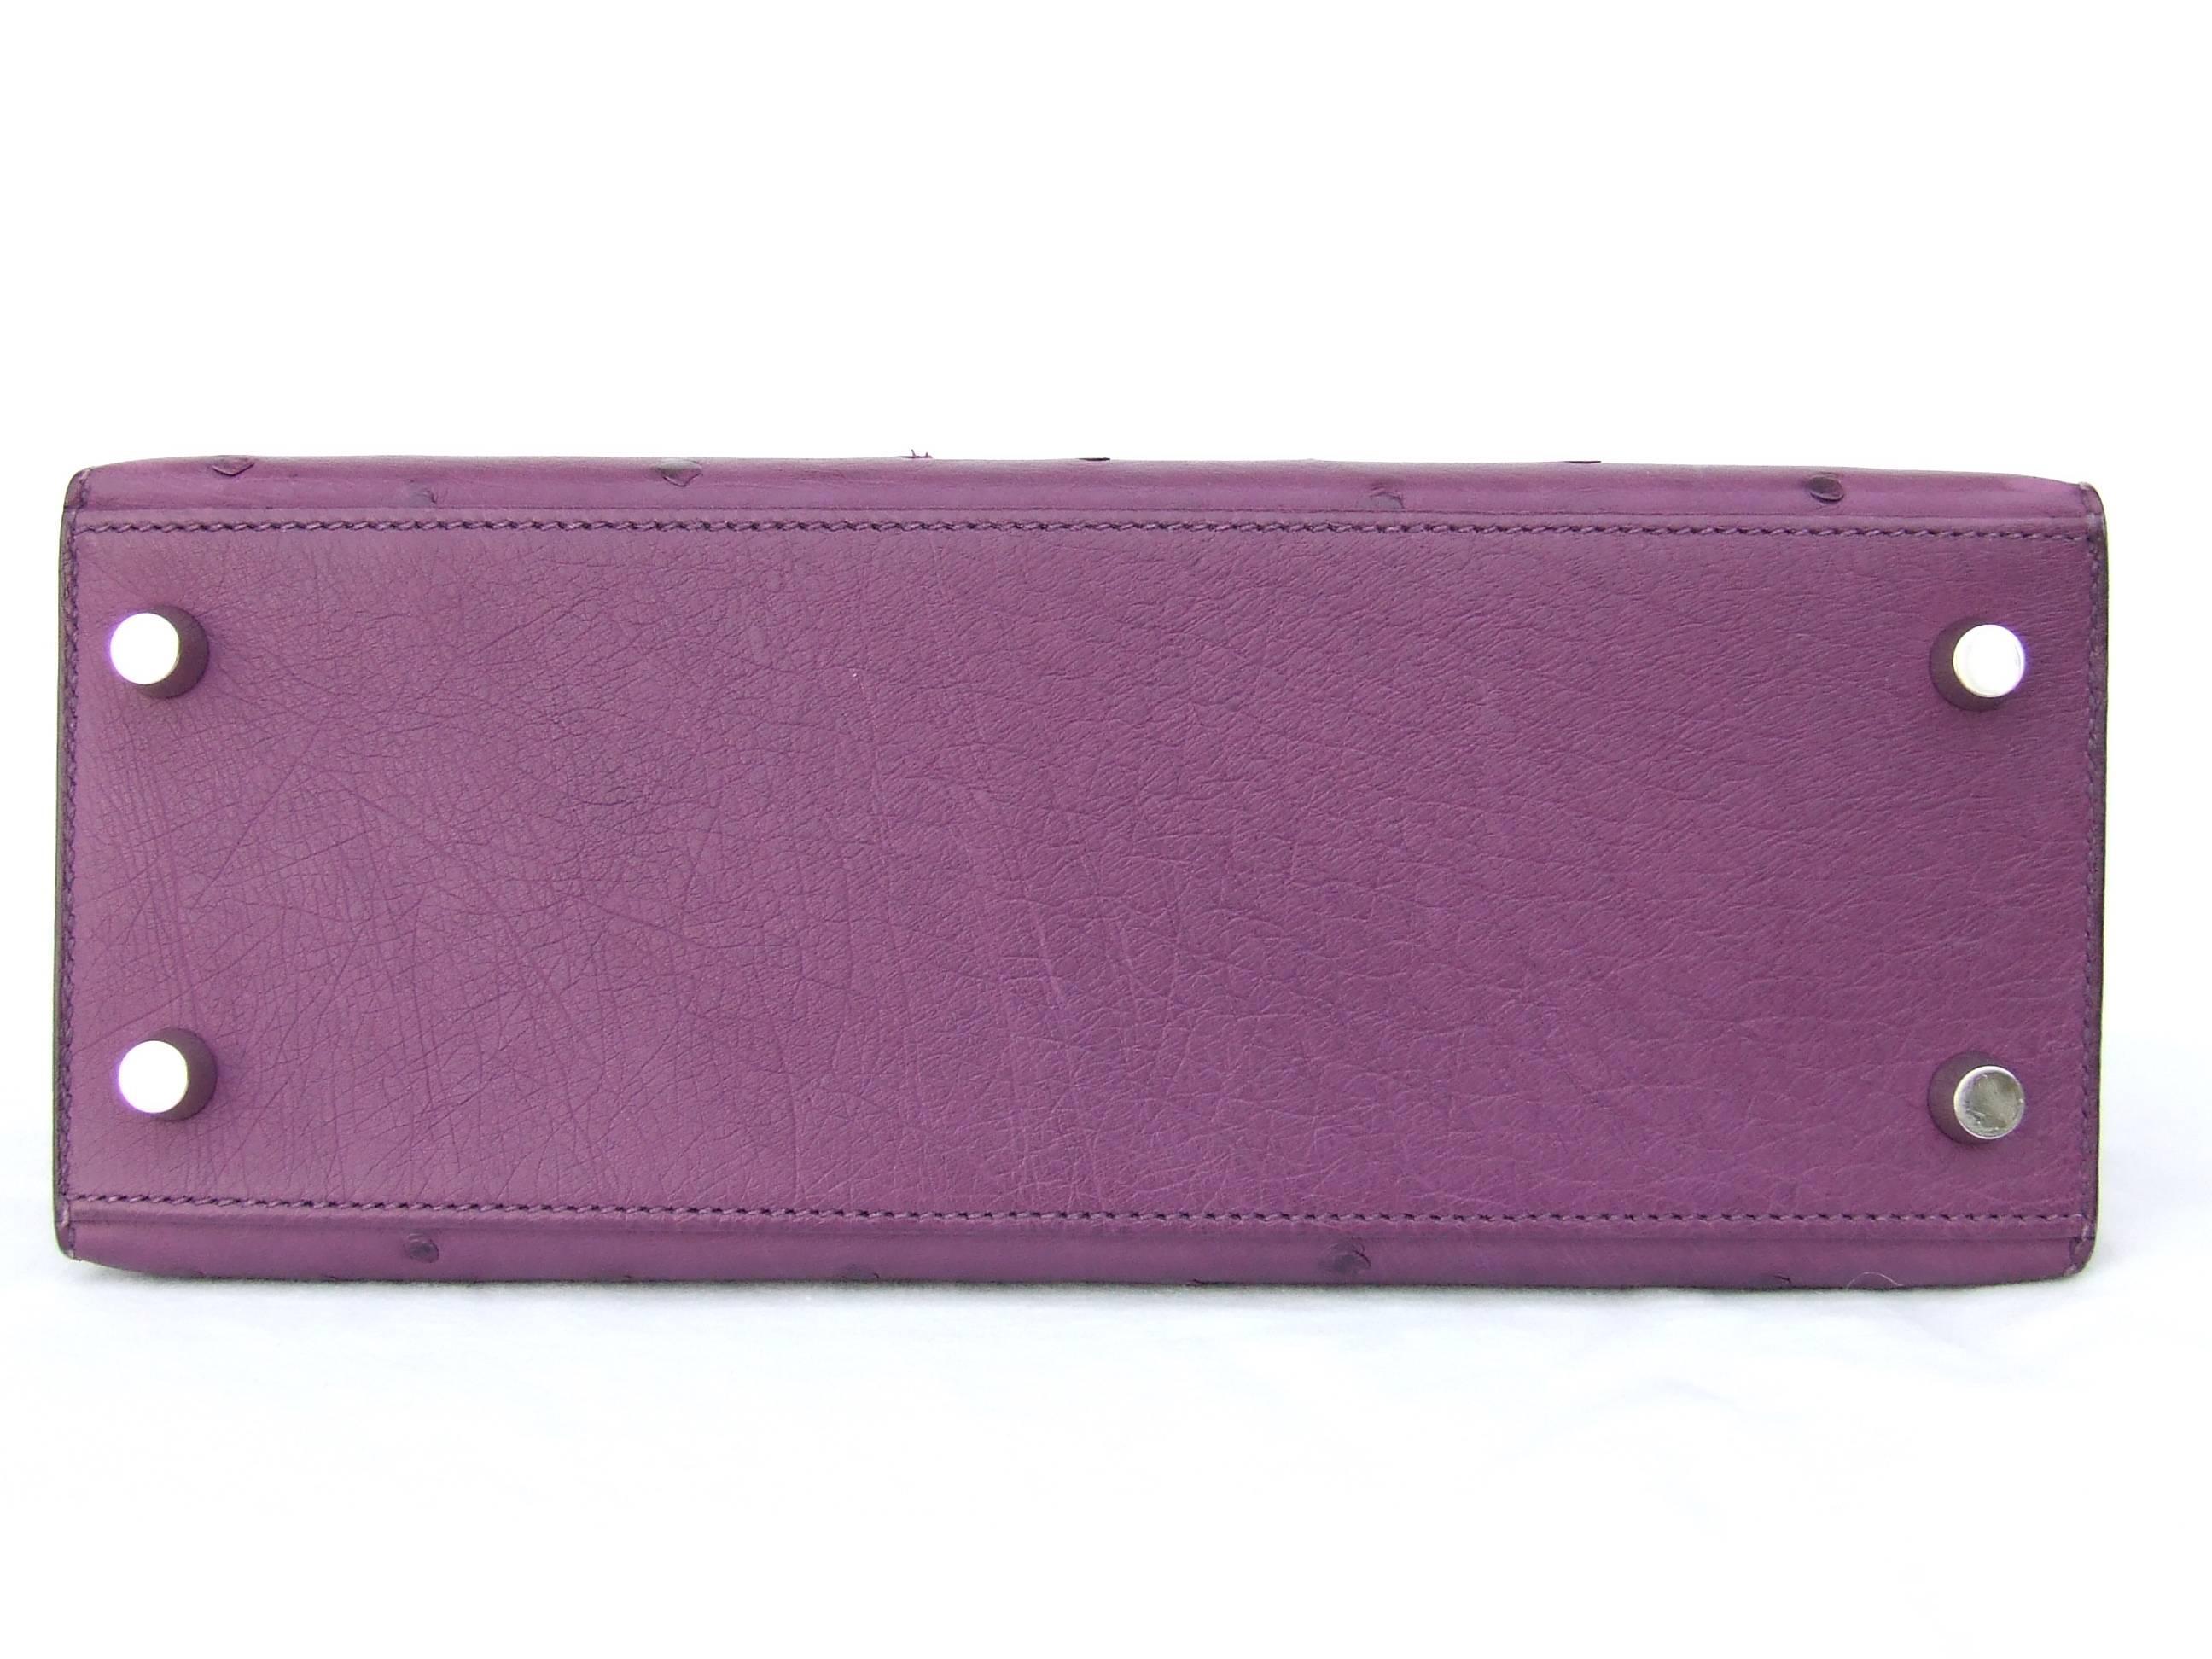 998ec81cdabd ... hot hermes kelly 25 sellier bag ostrich violine palladium hdw aurtuche purple  25 cm for sale